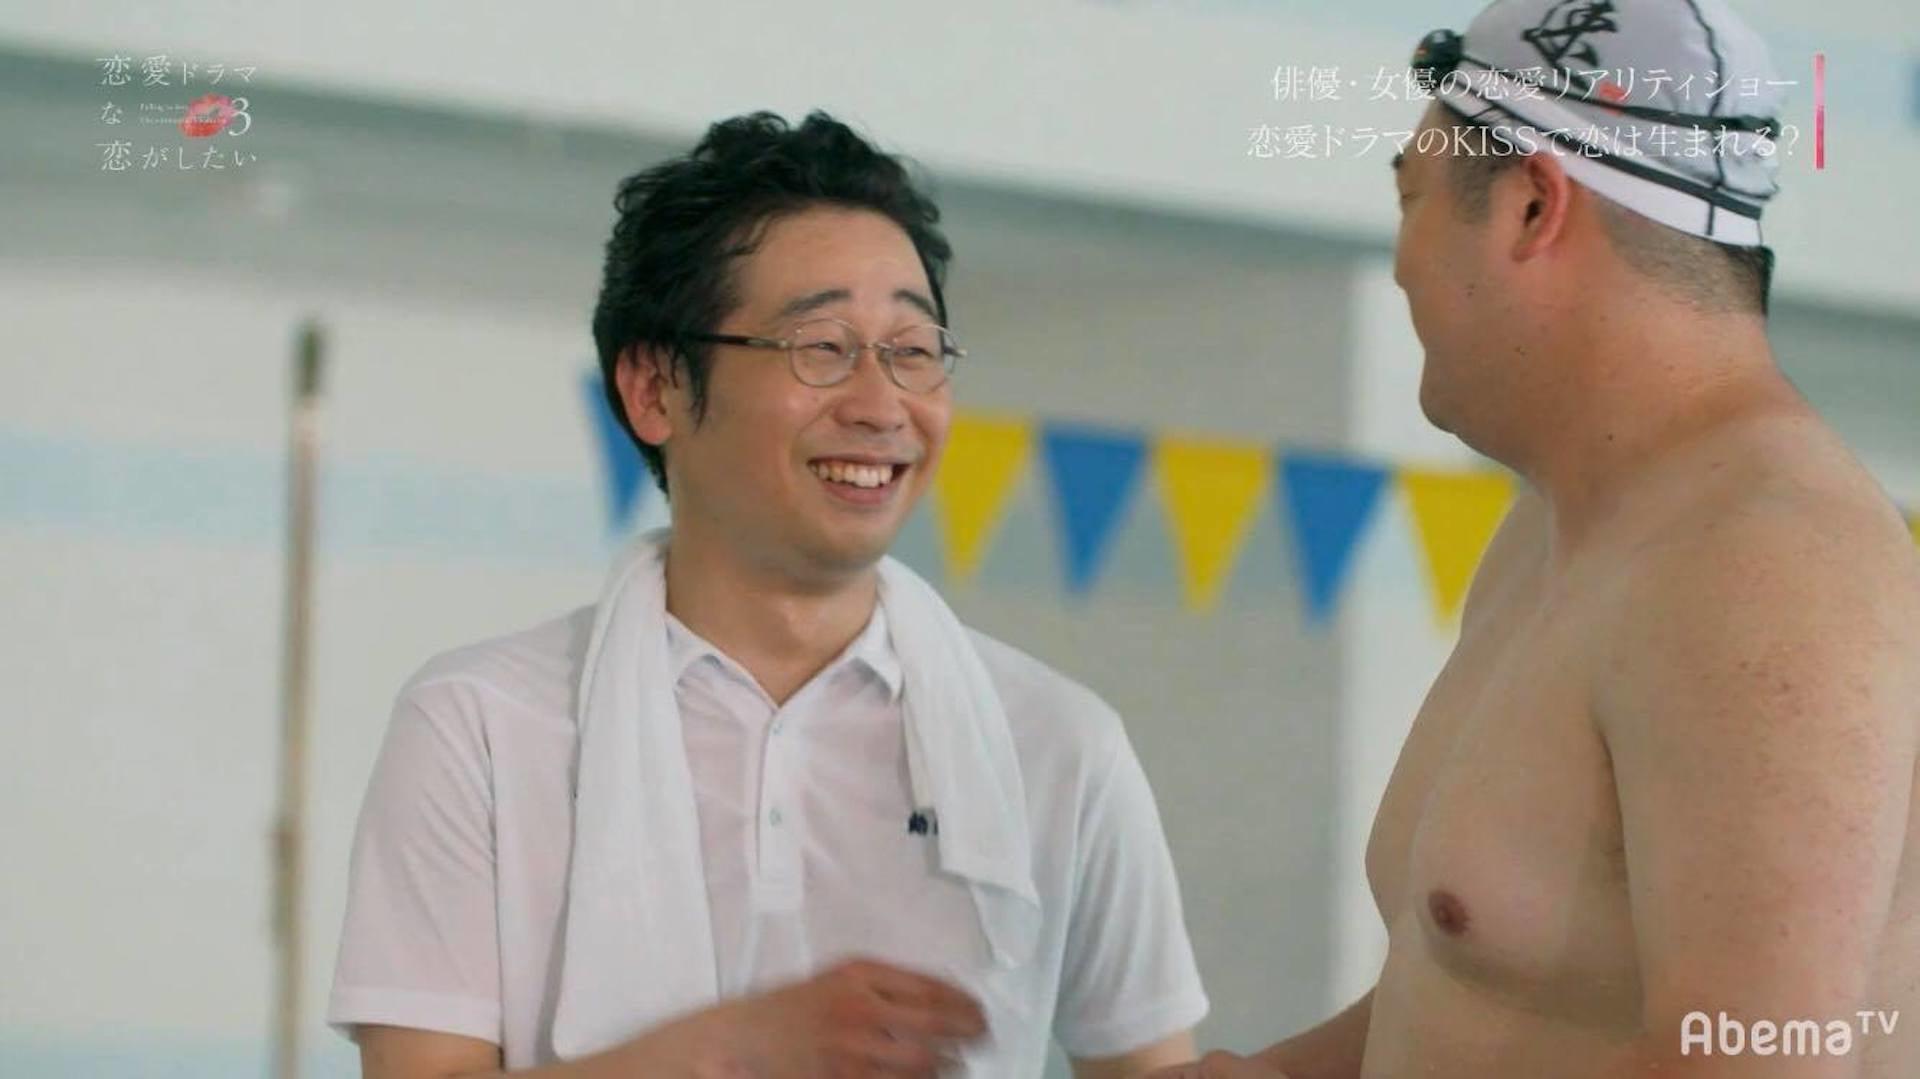 ずぶ濡れキスに渡辺直美が大興奮「このキスが1番良かった。過去1!」|AbemaTV『恋愛ドラマな恋がしたい3』配信中 video190708abematv-renai3_3-1920x1079